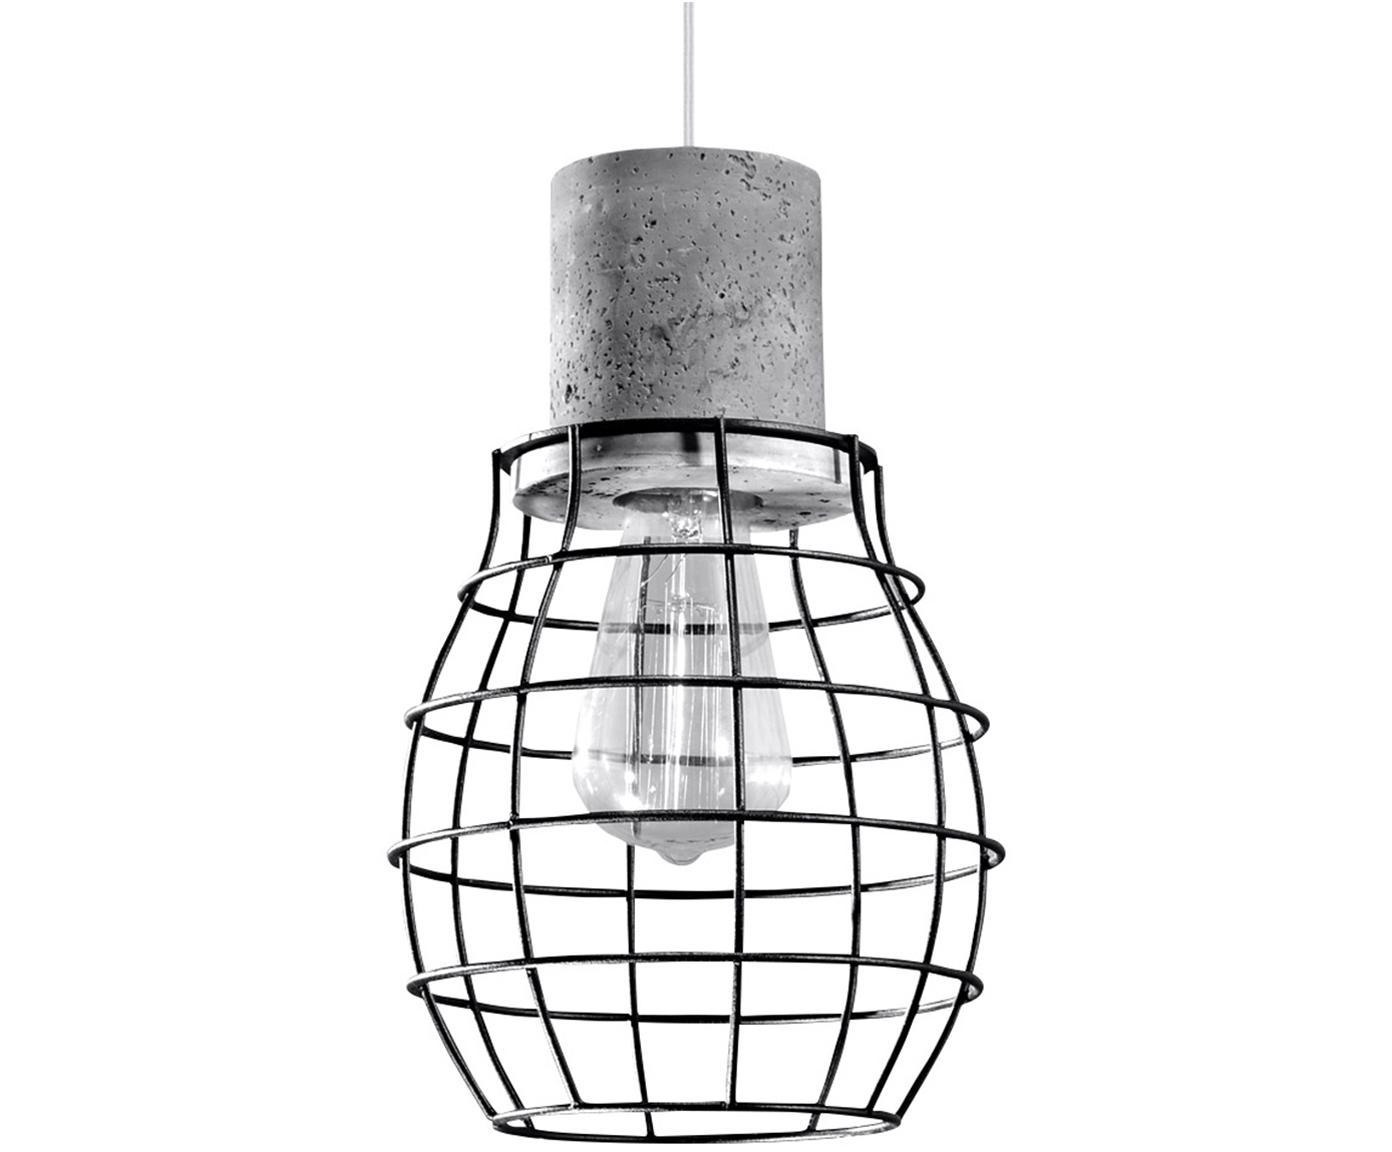 Lampada a sospensione Valerio, Acciaio, cemento, Nero, grigio, Ø 19 x Alt. 100 cm